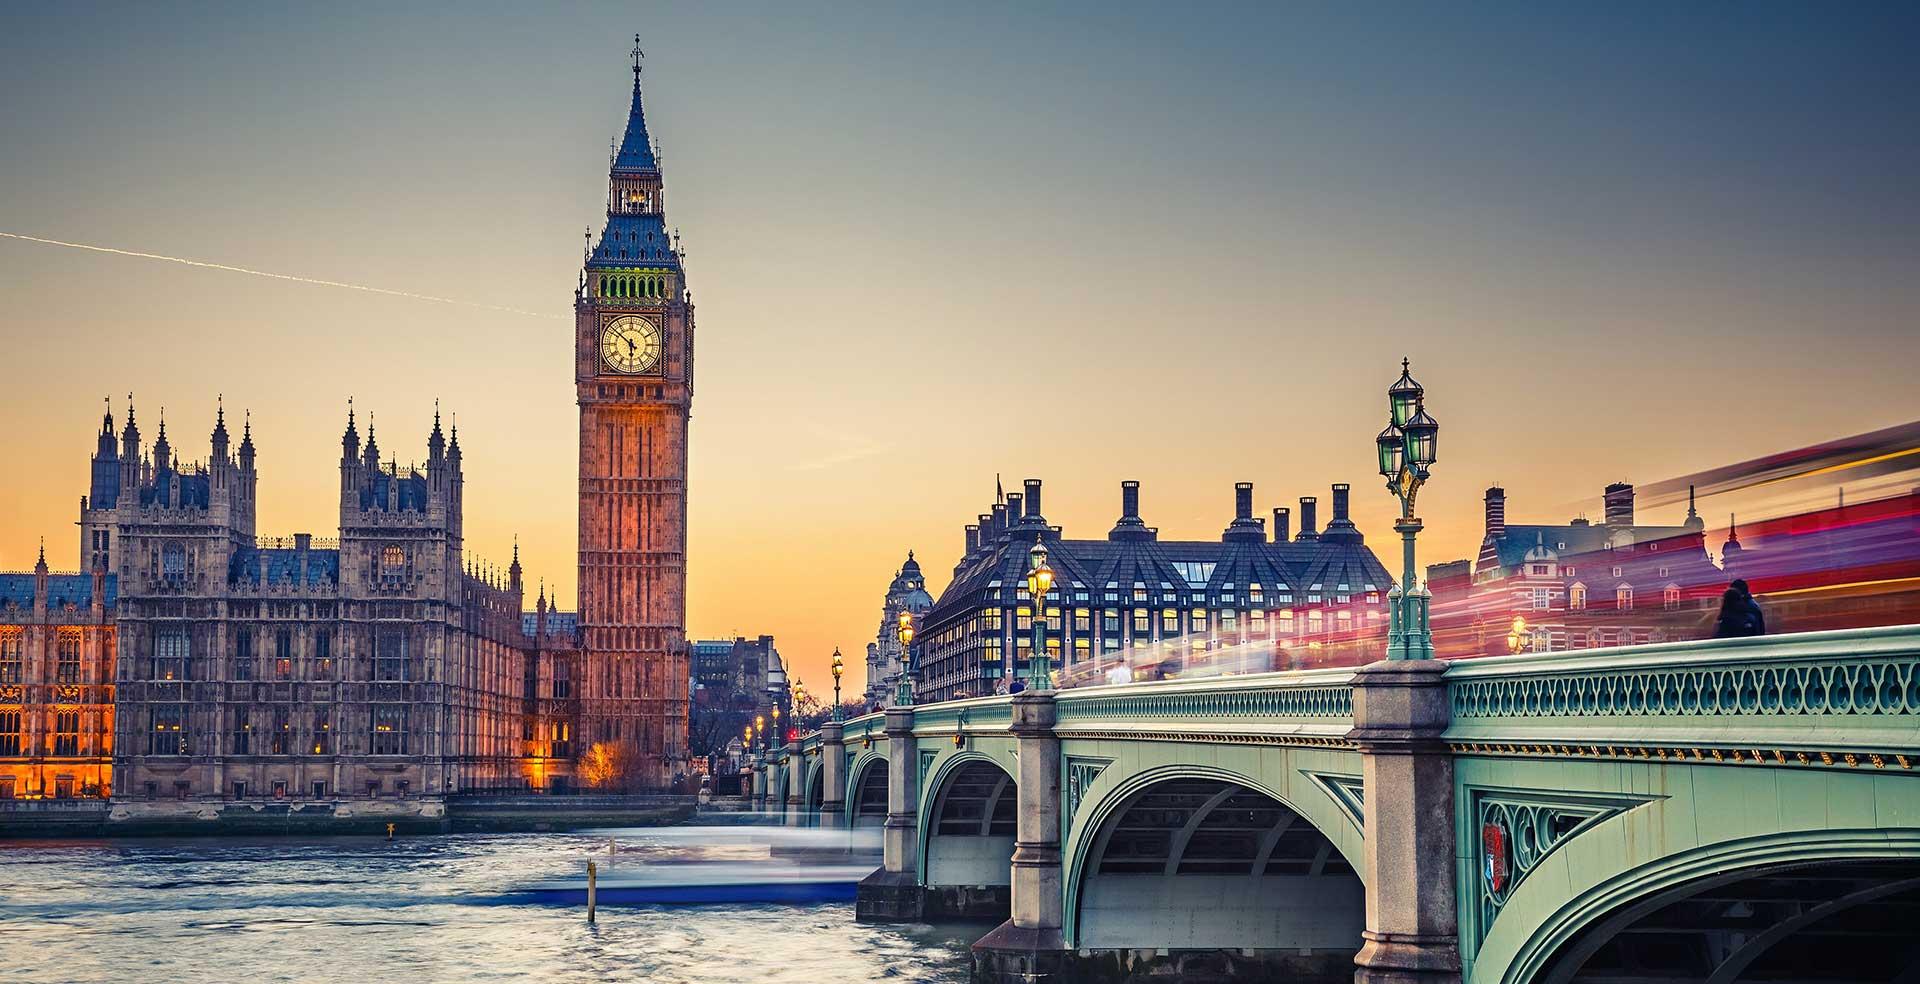 مشاوره ویزای انگلستان</br>بررسی تخصصی نامه ریفیوزال </br> Refusal Letter